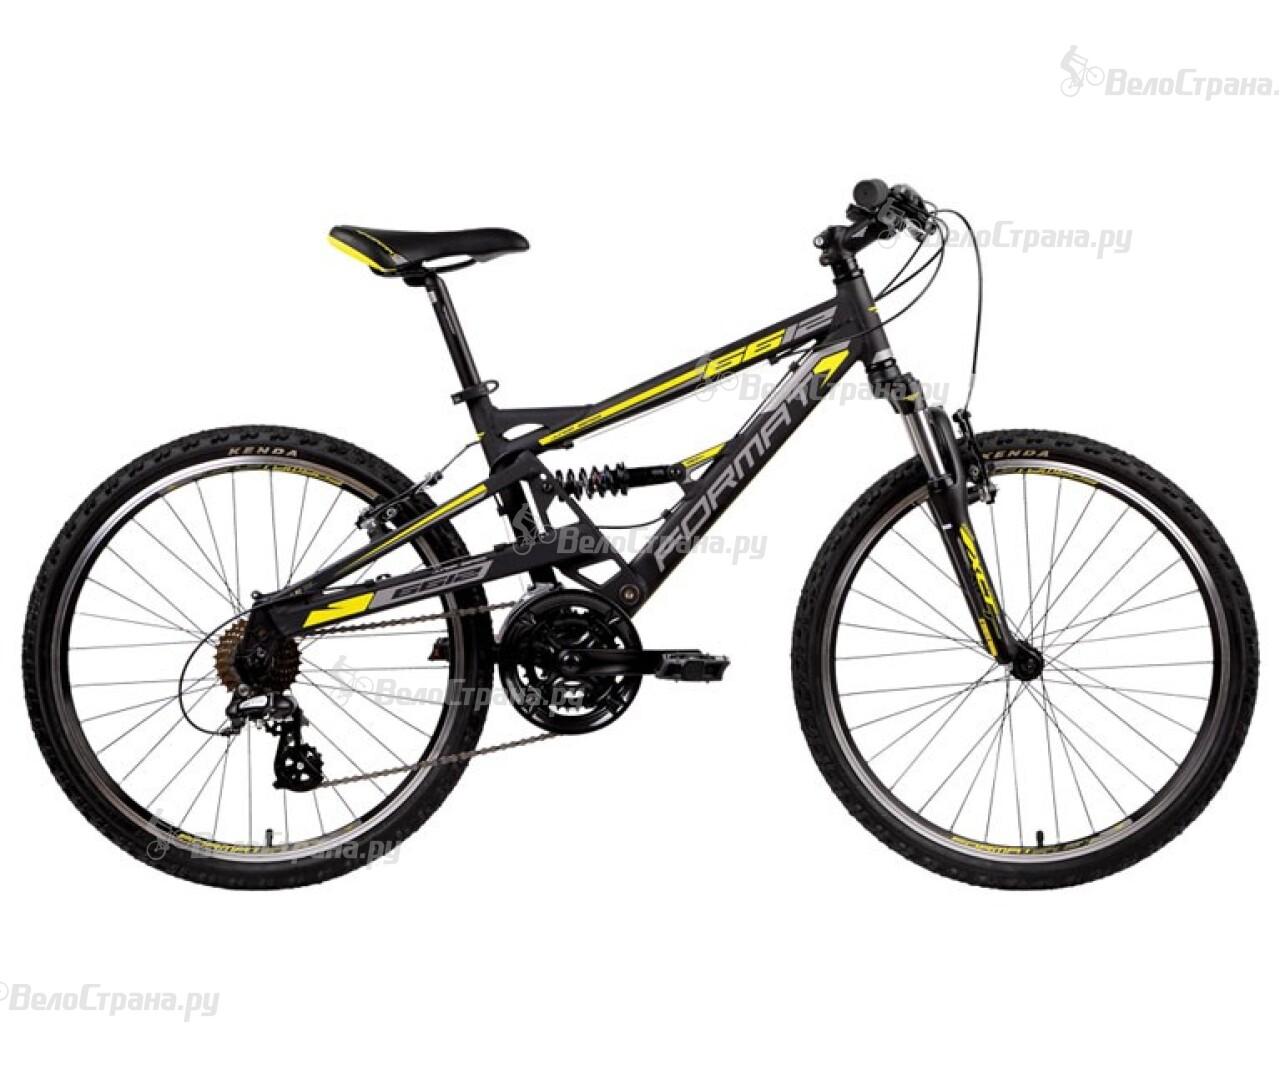 Велосипед Format 6612 (2014) велосипед format 1212 2014